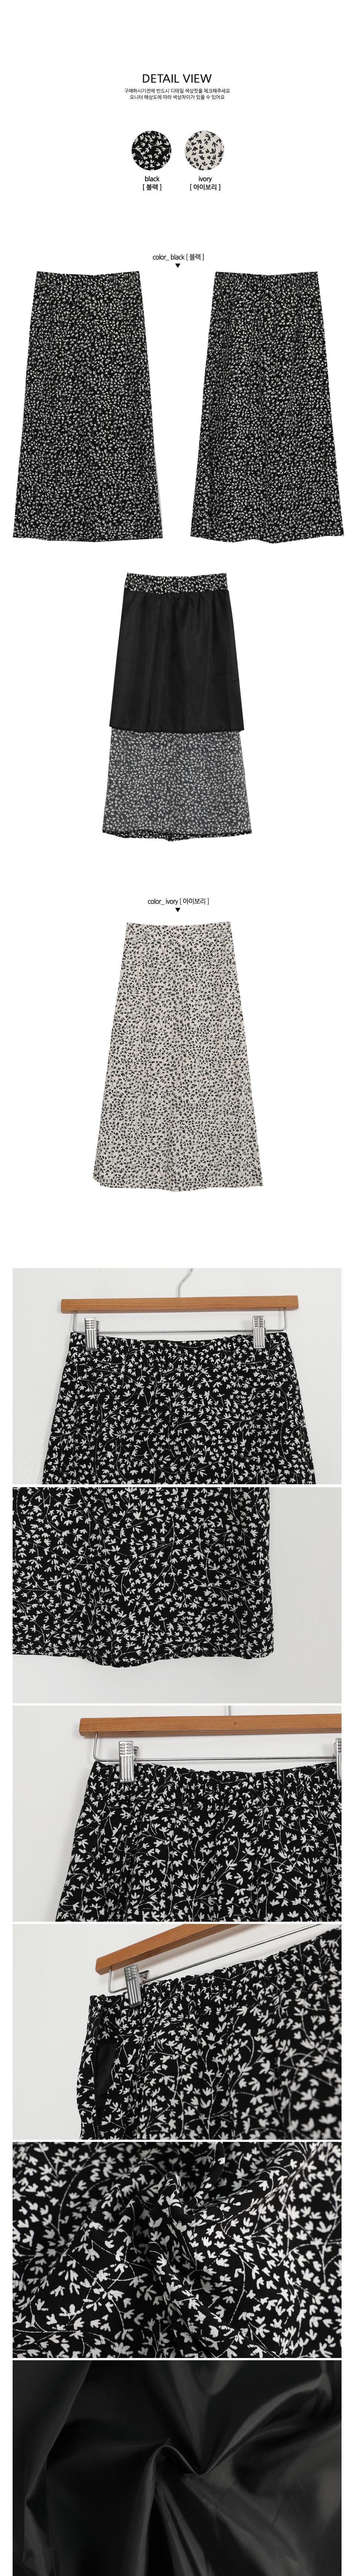 Deli Floral Long Skirt